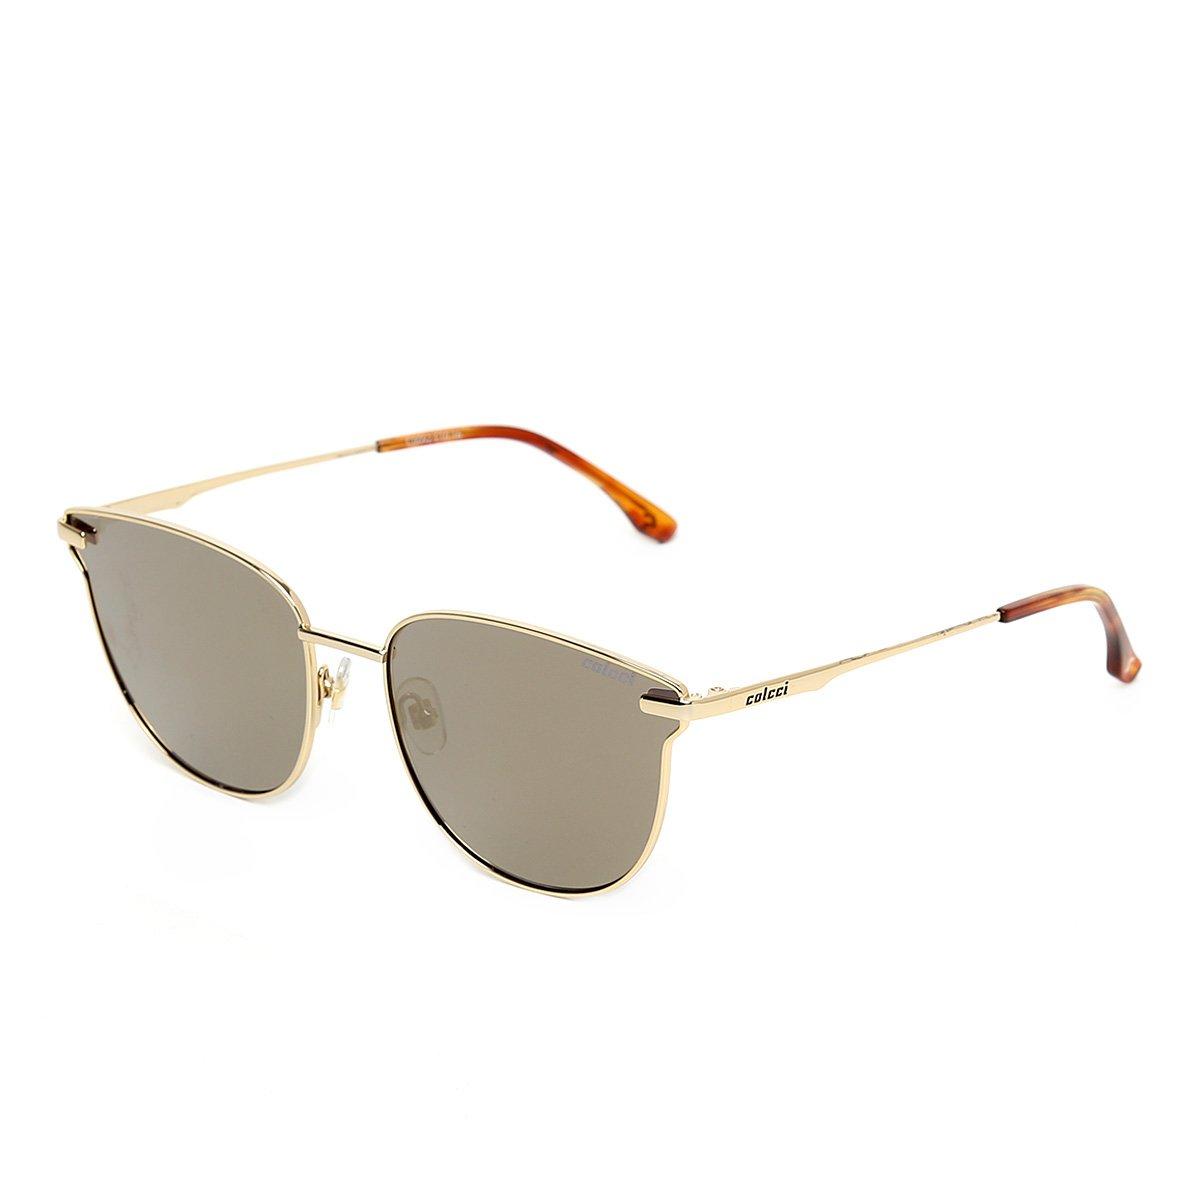 Óculos de Sol Colcci C0092 Feminino - Dourado - Compre Agora   Zattini d5d84adbc7